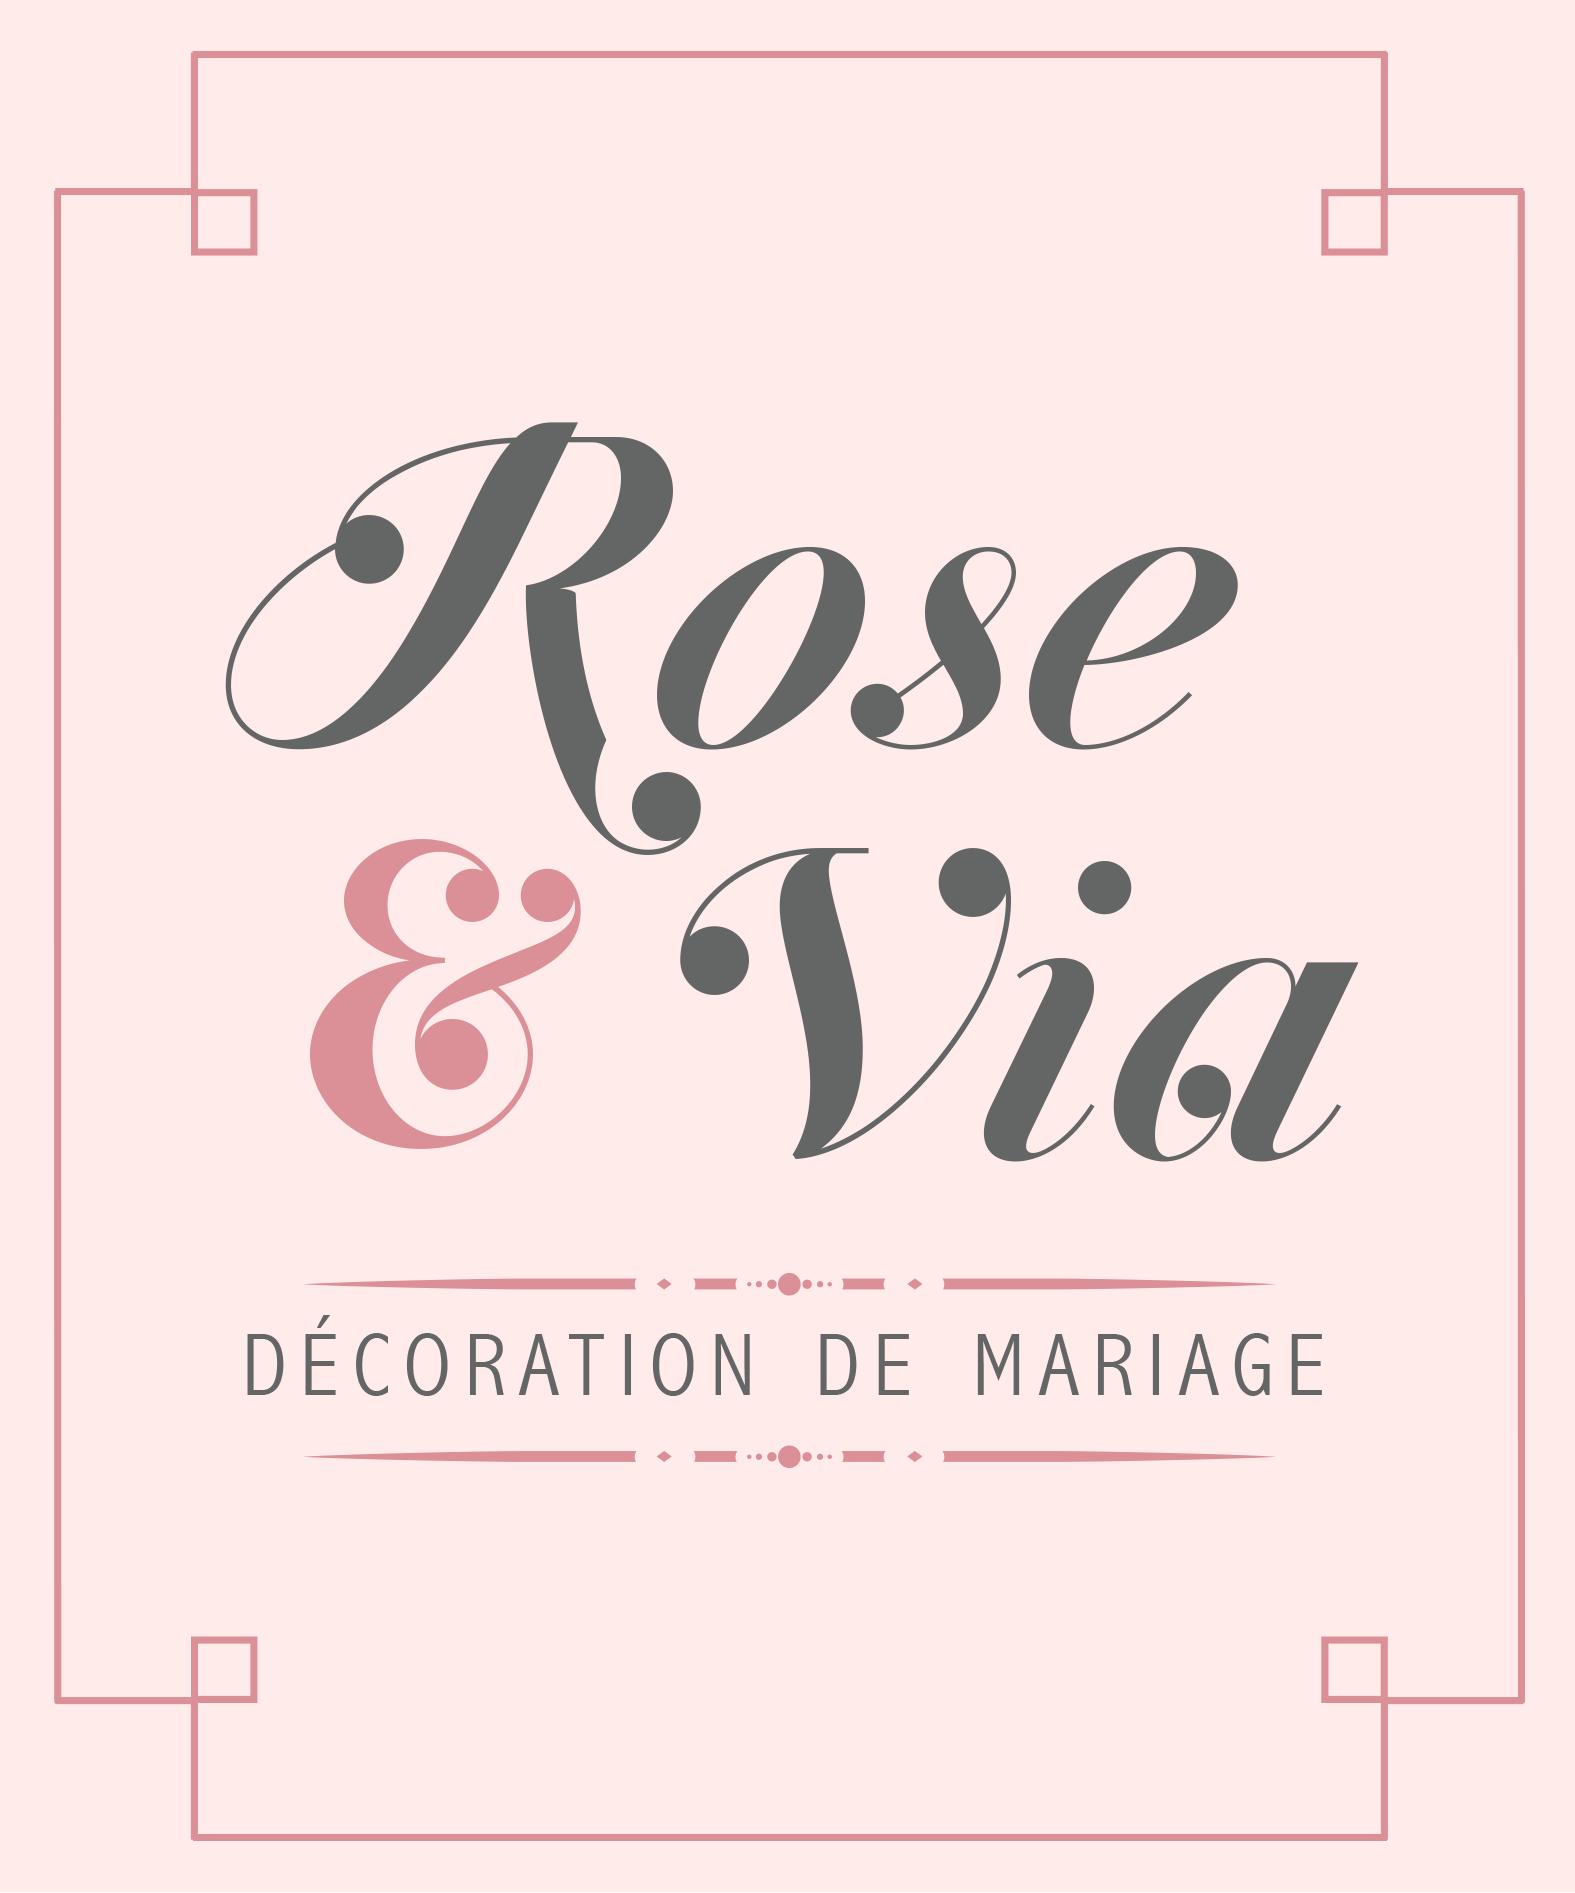 ROSE & VIA